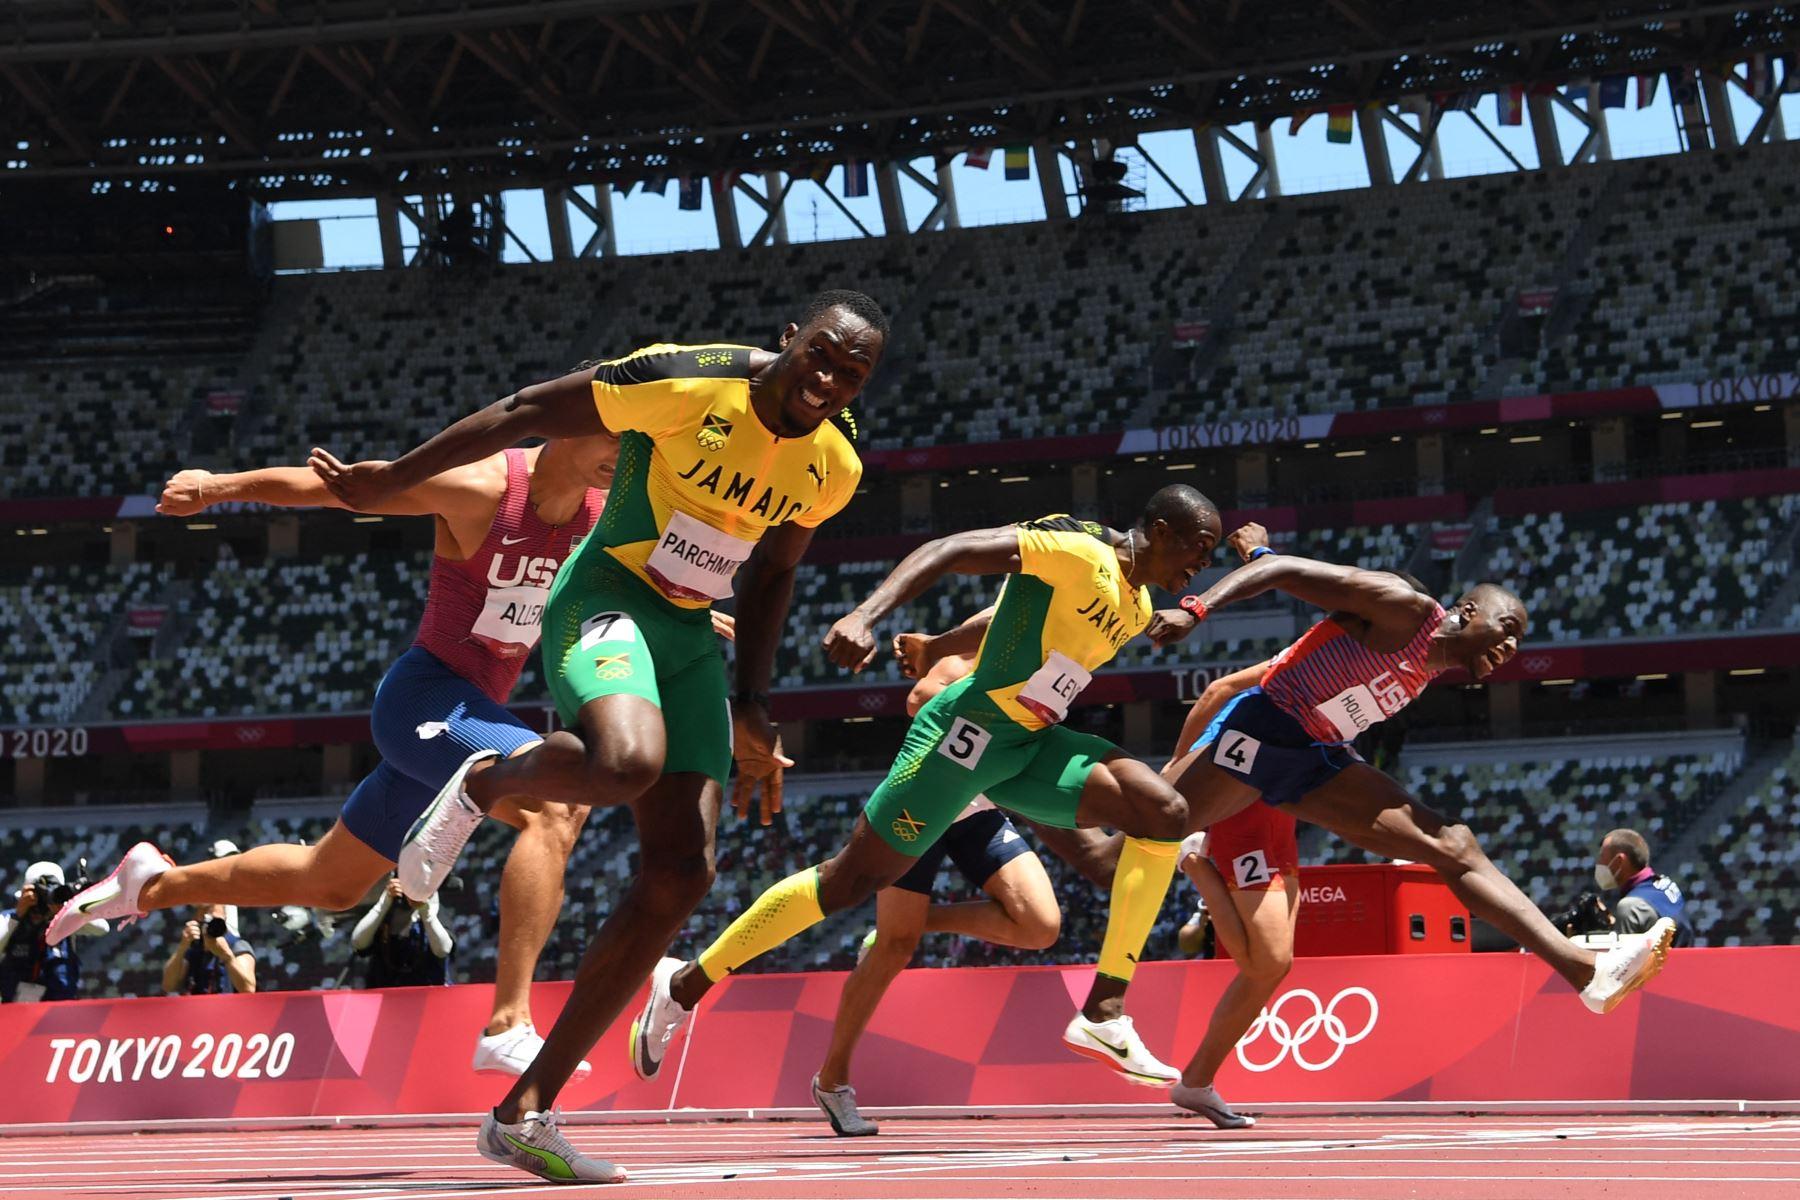 Hansle Parchment de Jamaica cruza la línea de meta para ganar por delante del segundo clasificado de Estados Unidos Grant Holloway  y el tercer clasificado de Jamaica Ronald Levy en la final masculina de 110 metros con vallas, durante los Juegos Olímpicos de Tokio 2020 en el estadio Olímpico de Tokio. FOTO:AFP